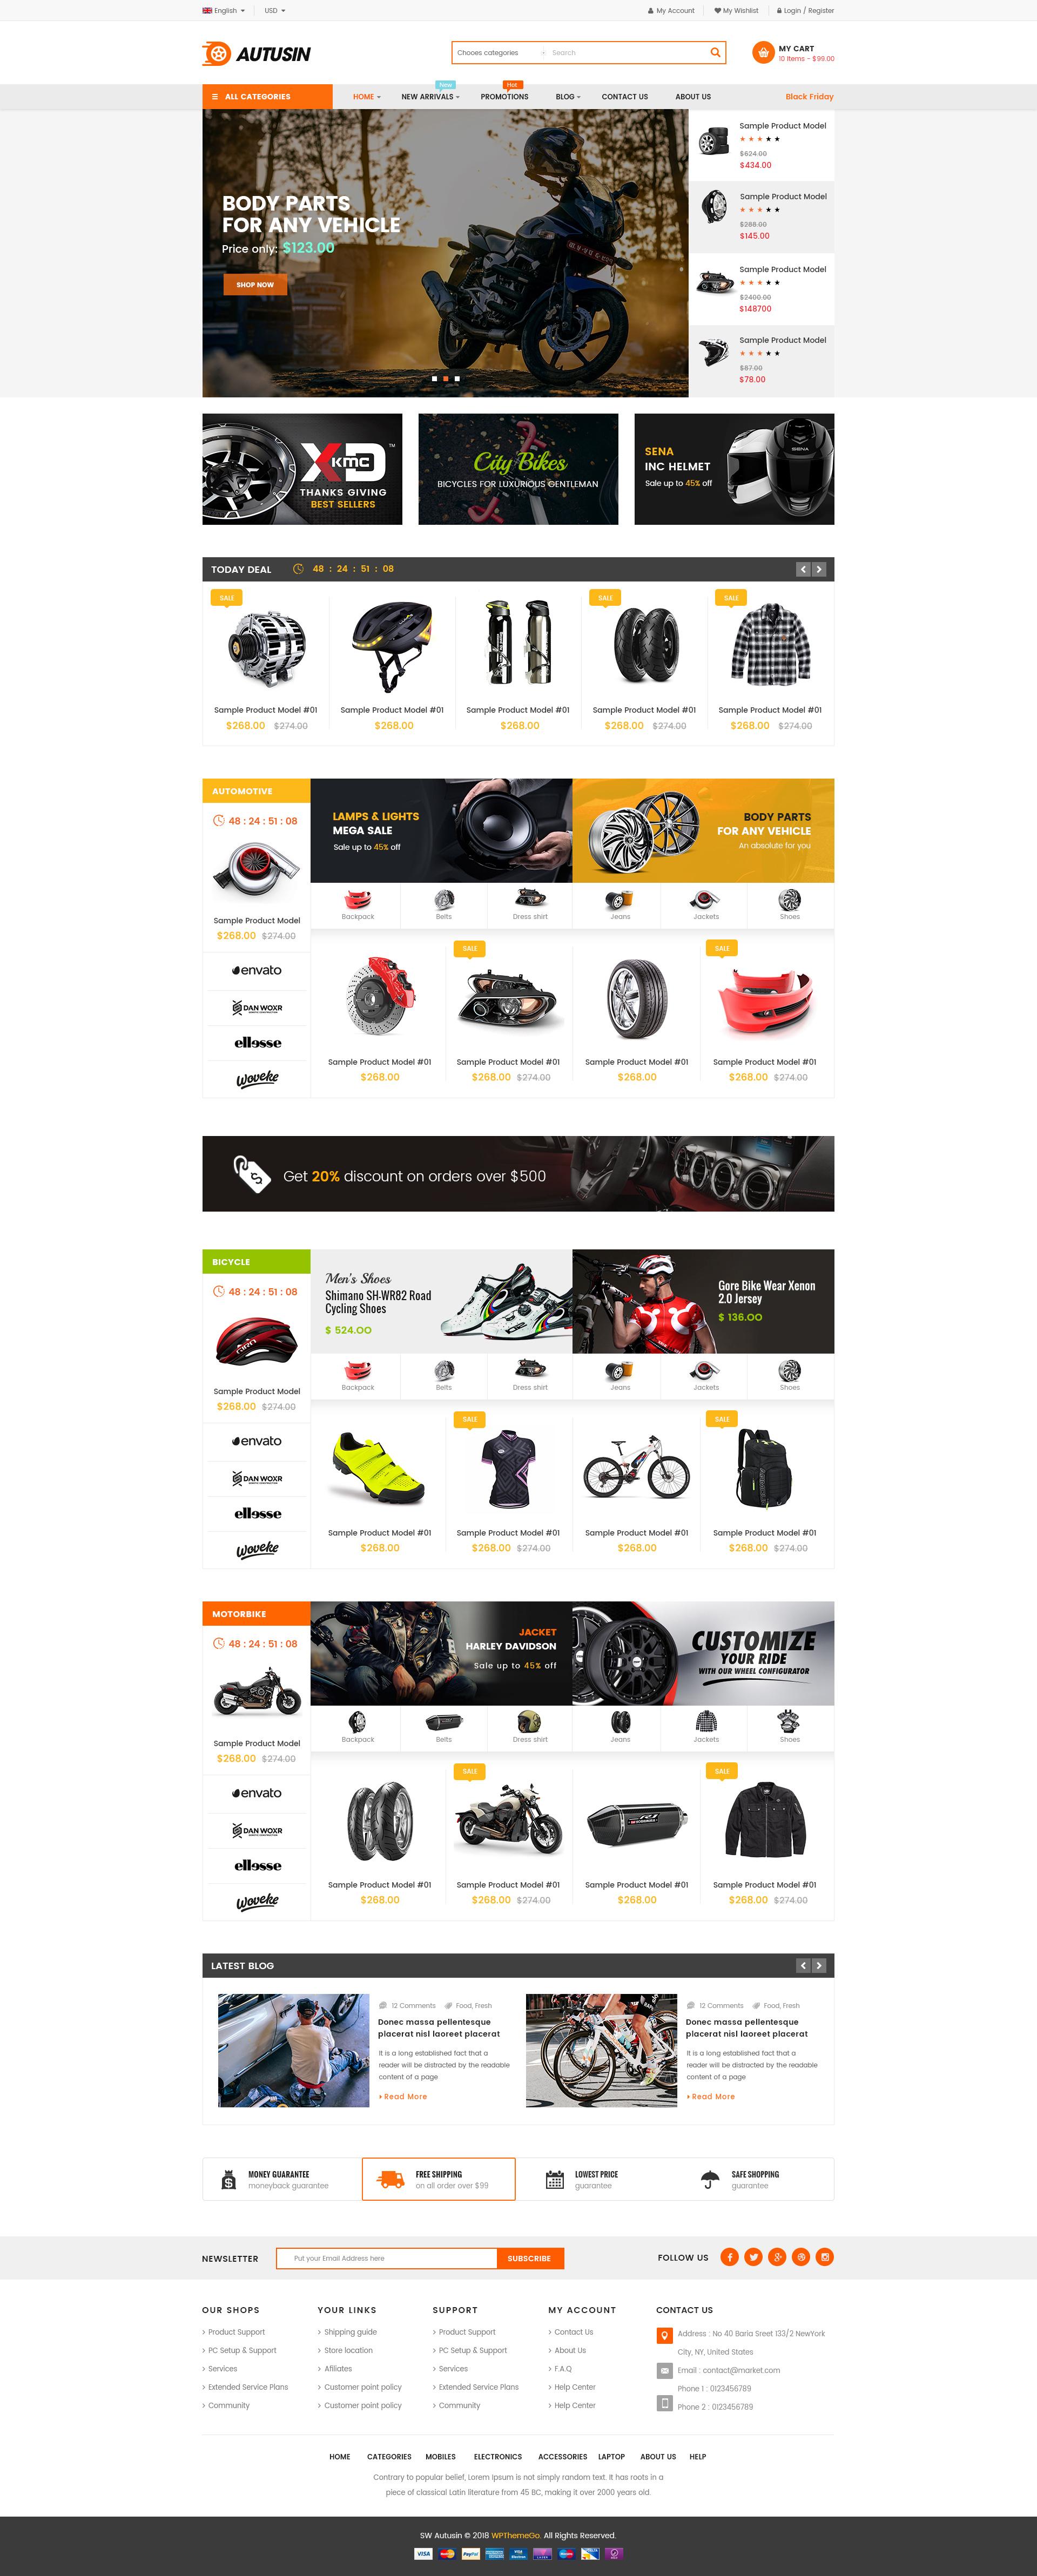 Autusin - Auto Parts Shop WordPress Theme